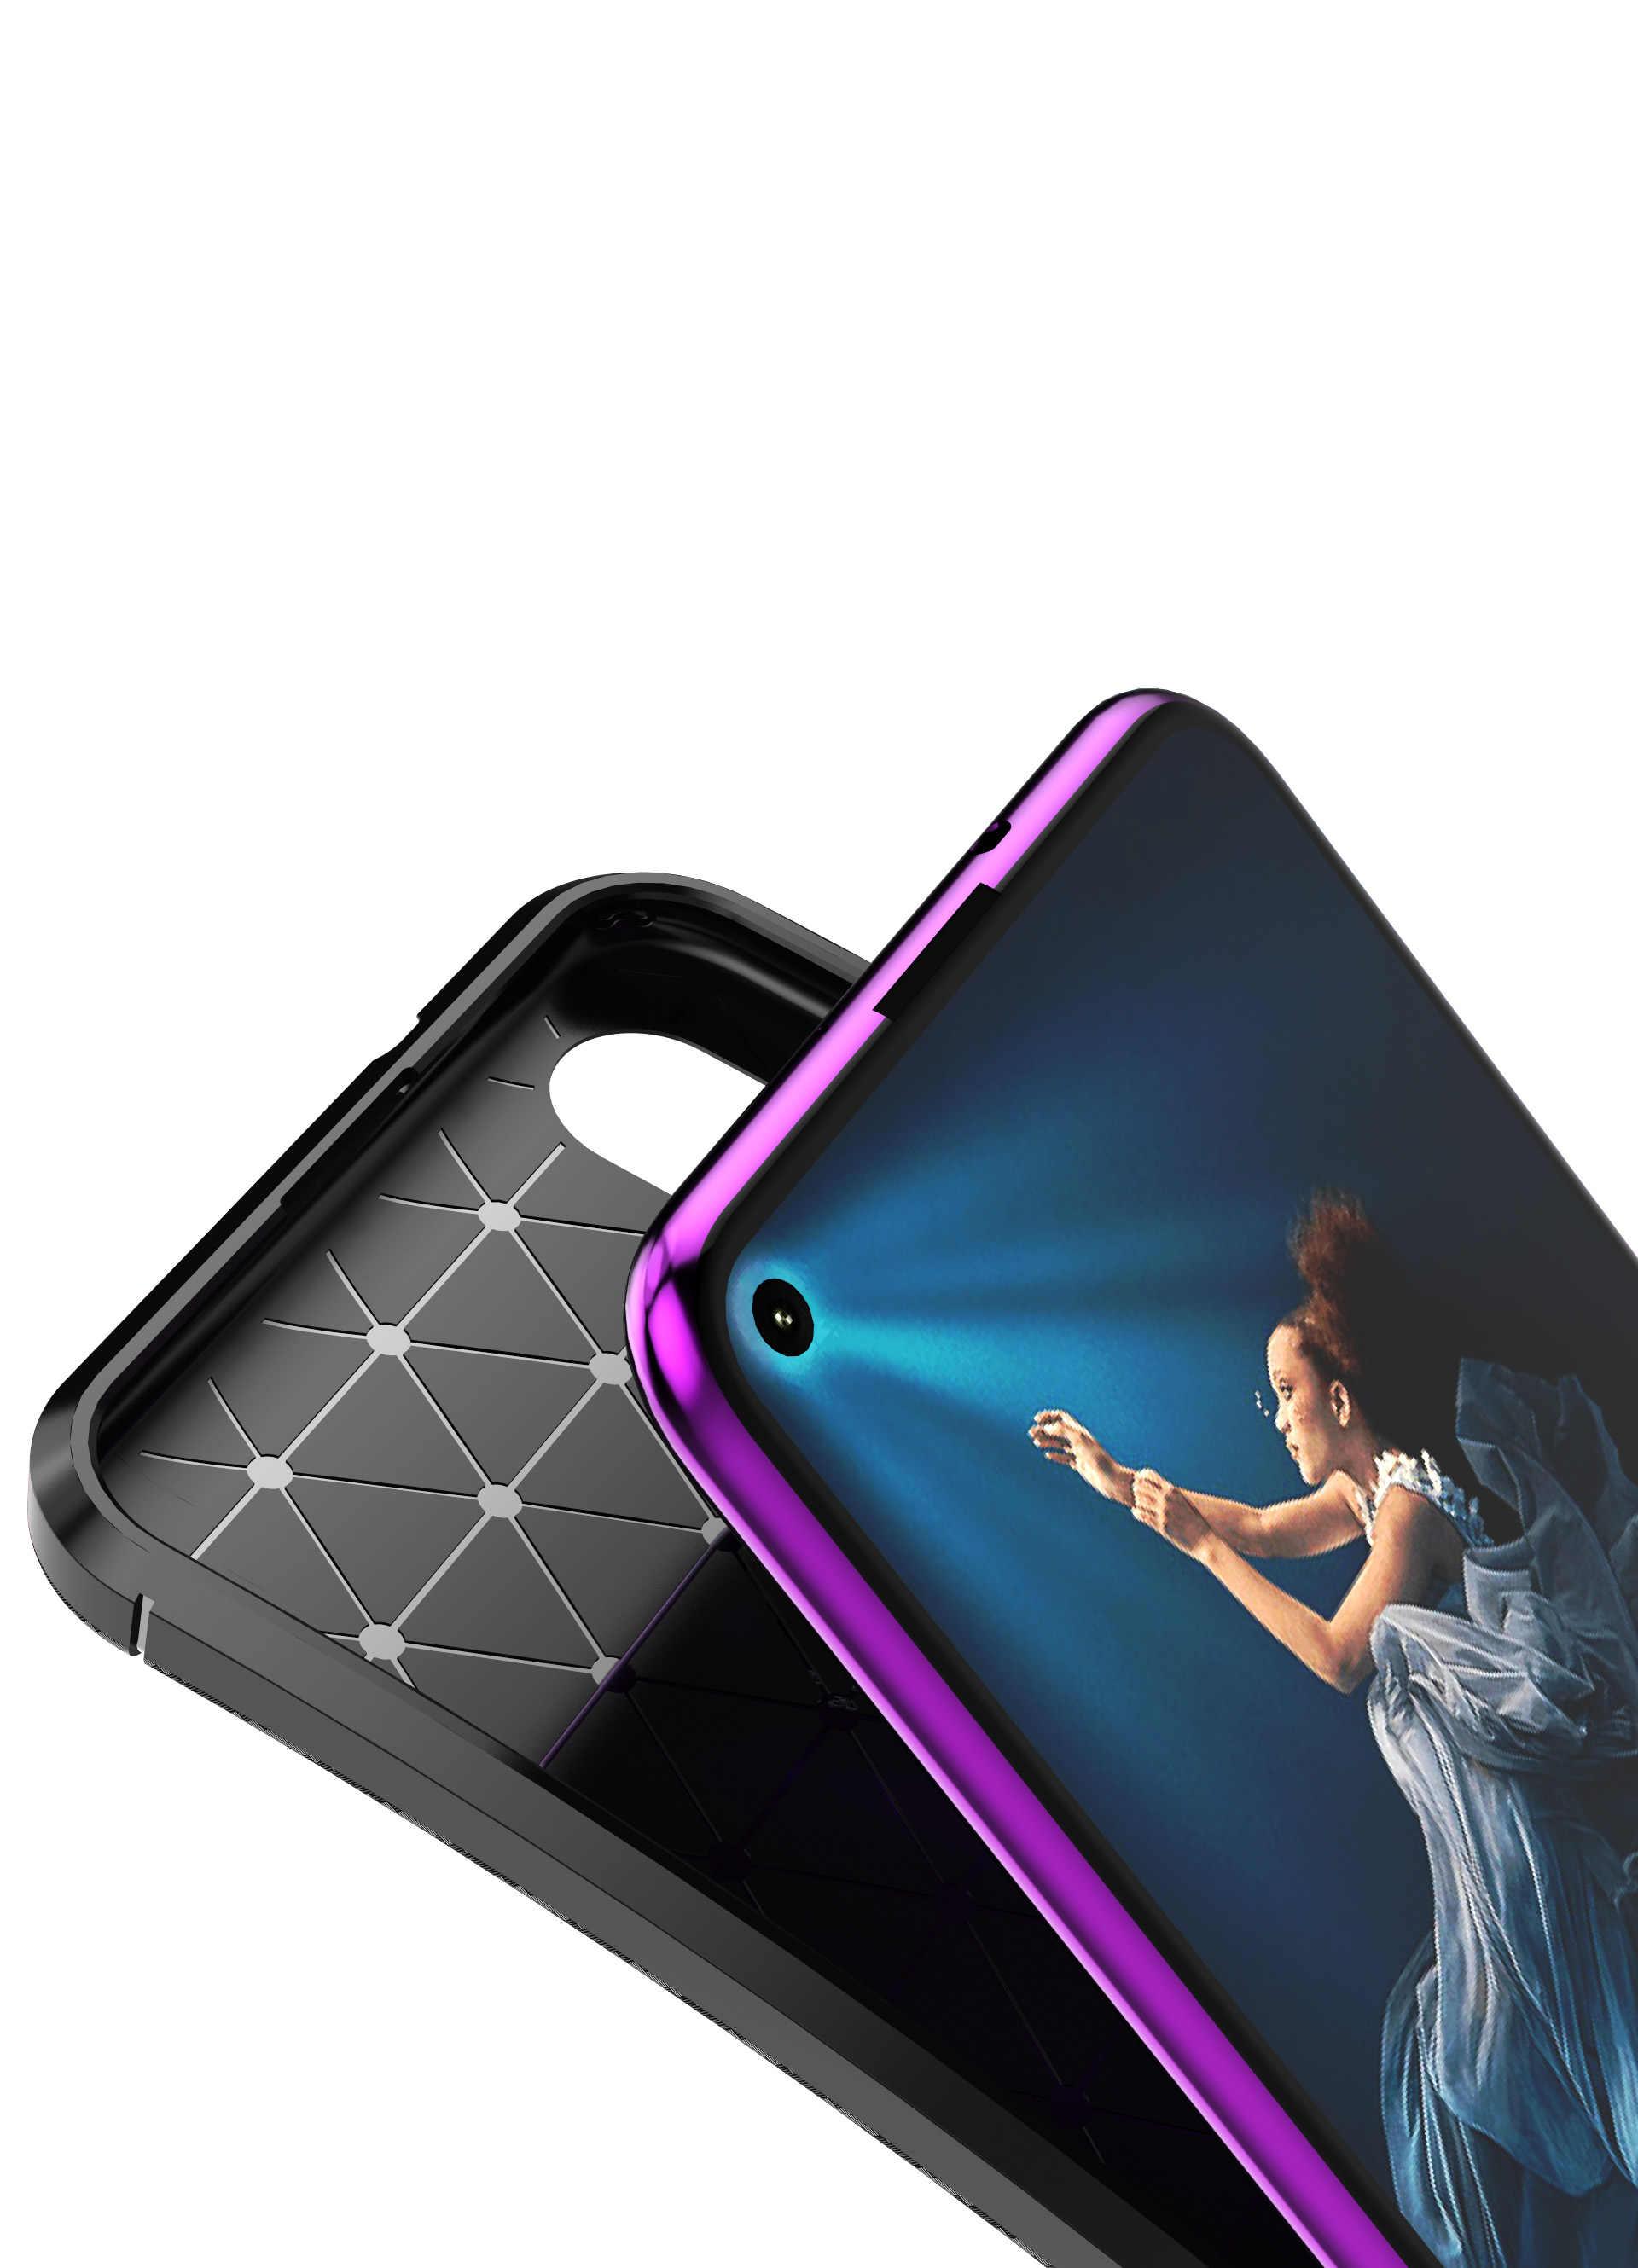 Чехол из углеродного волокна для телефона Honor 20, высококачественный дизайн Петля из алмазной сетки для huawei P20 Lite 2019 Nova 5 Honor 20 Pro Funda